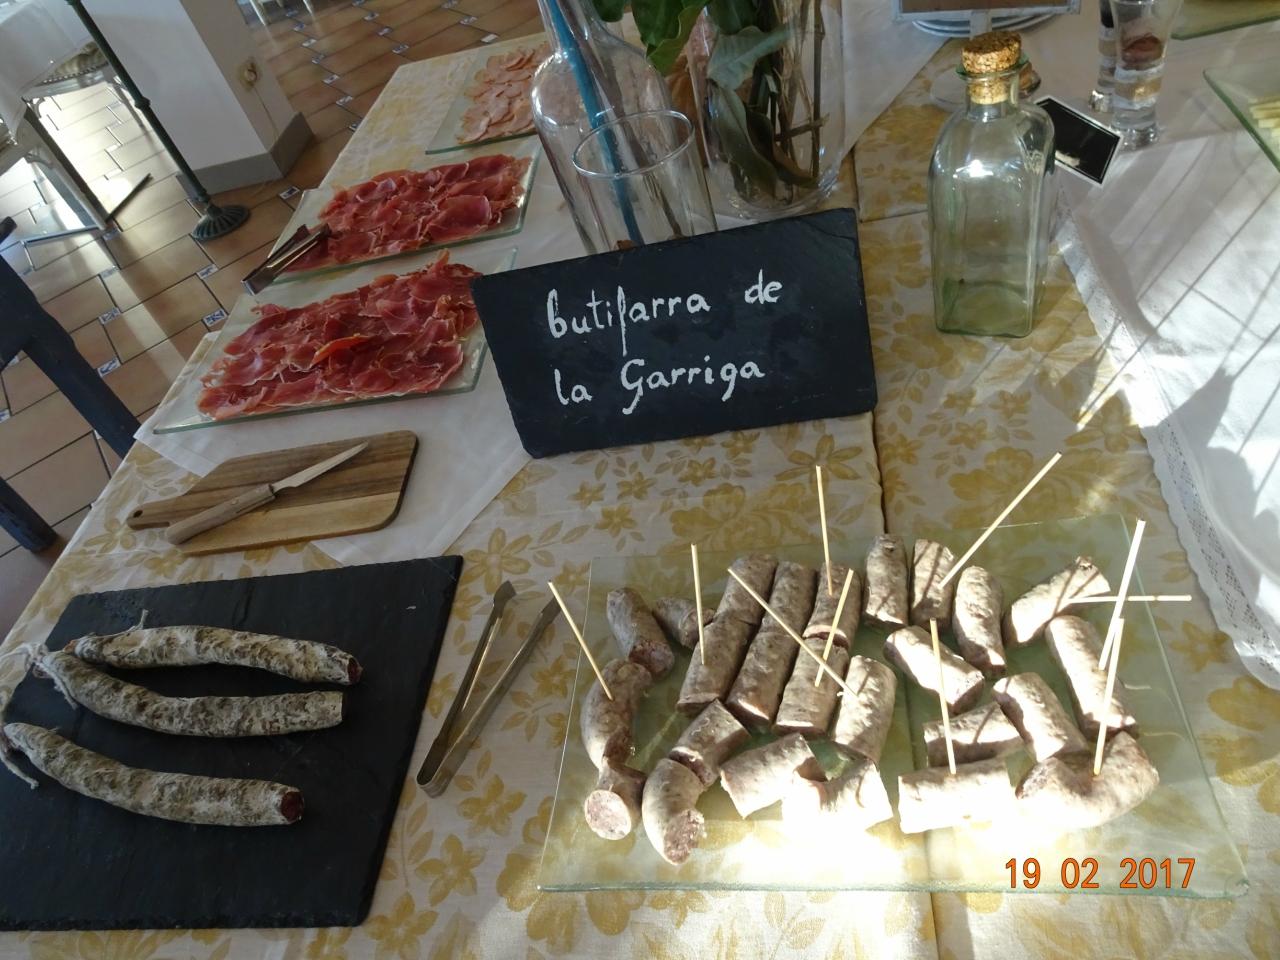 Termes La Garriga - термальный бульк под цветущим миндалем со вкусом клубники)